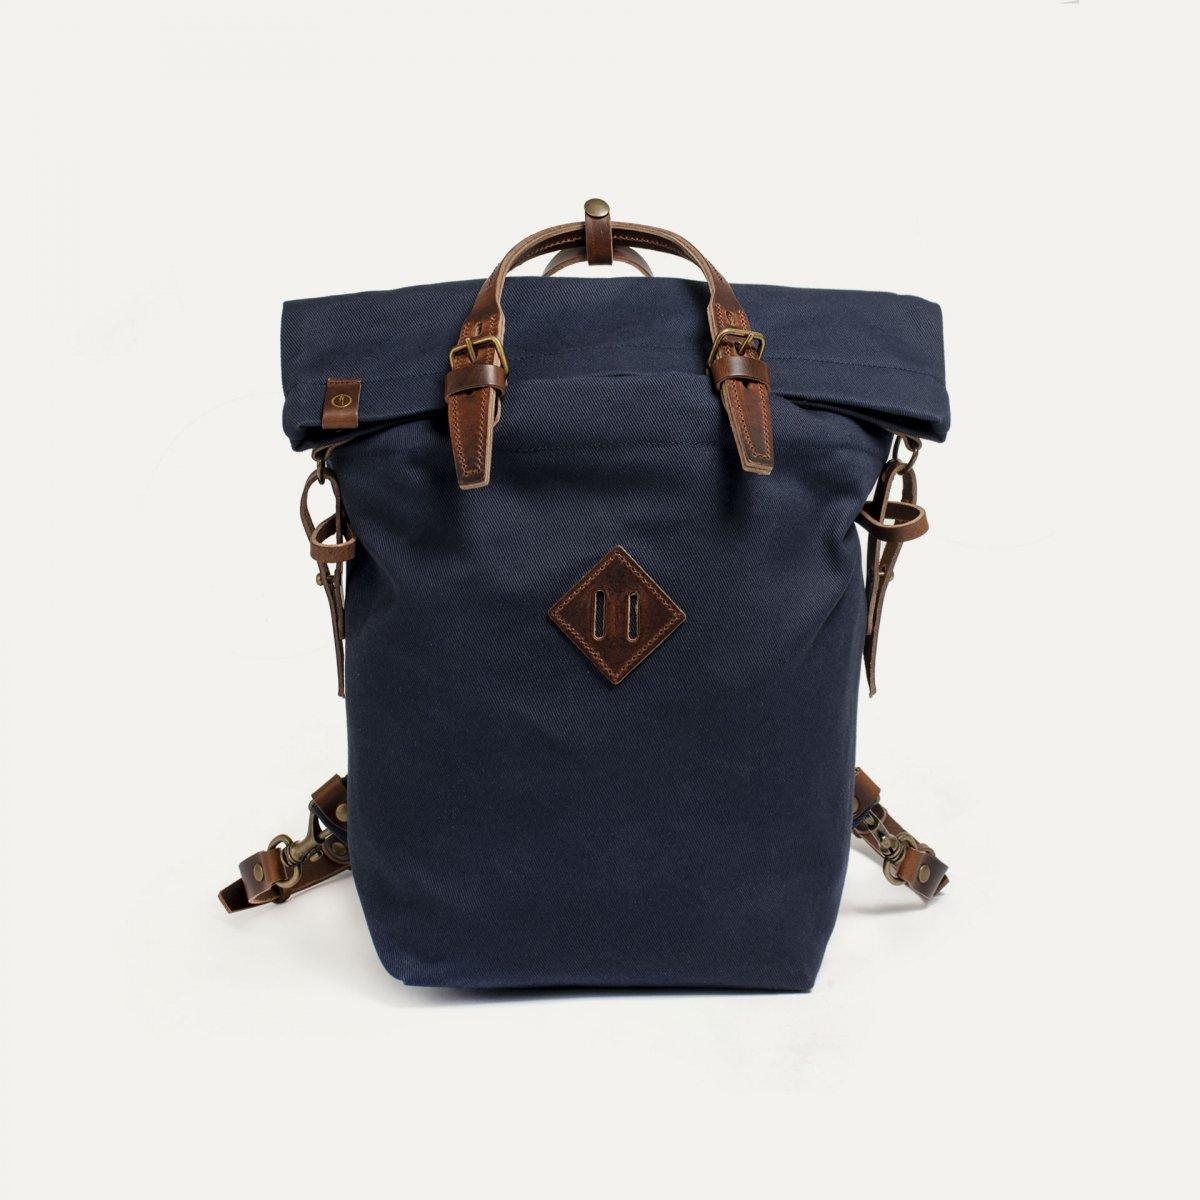 Woody S Backpack - Peacoat Blue (image n°1)